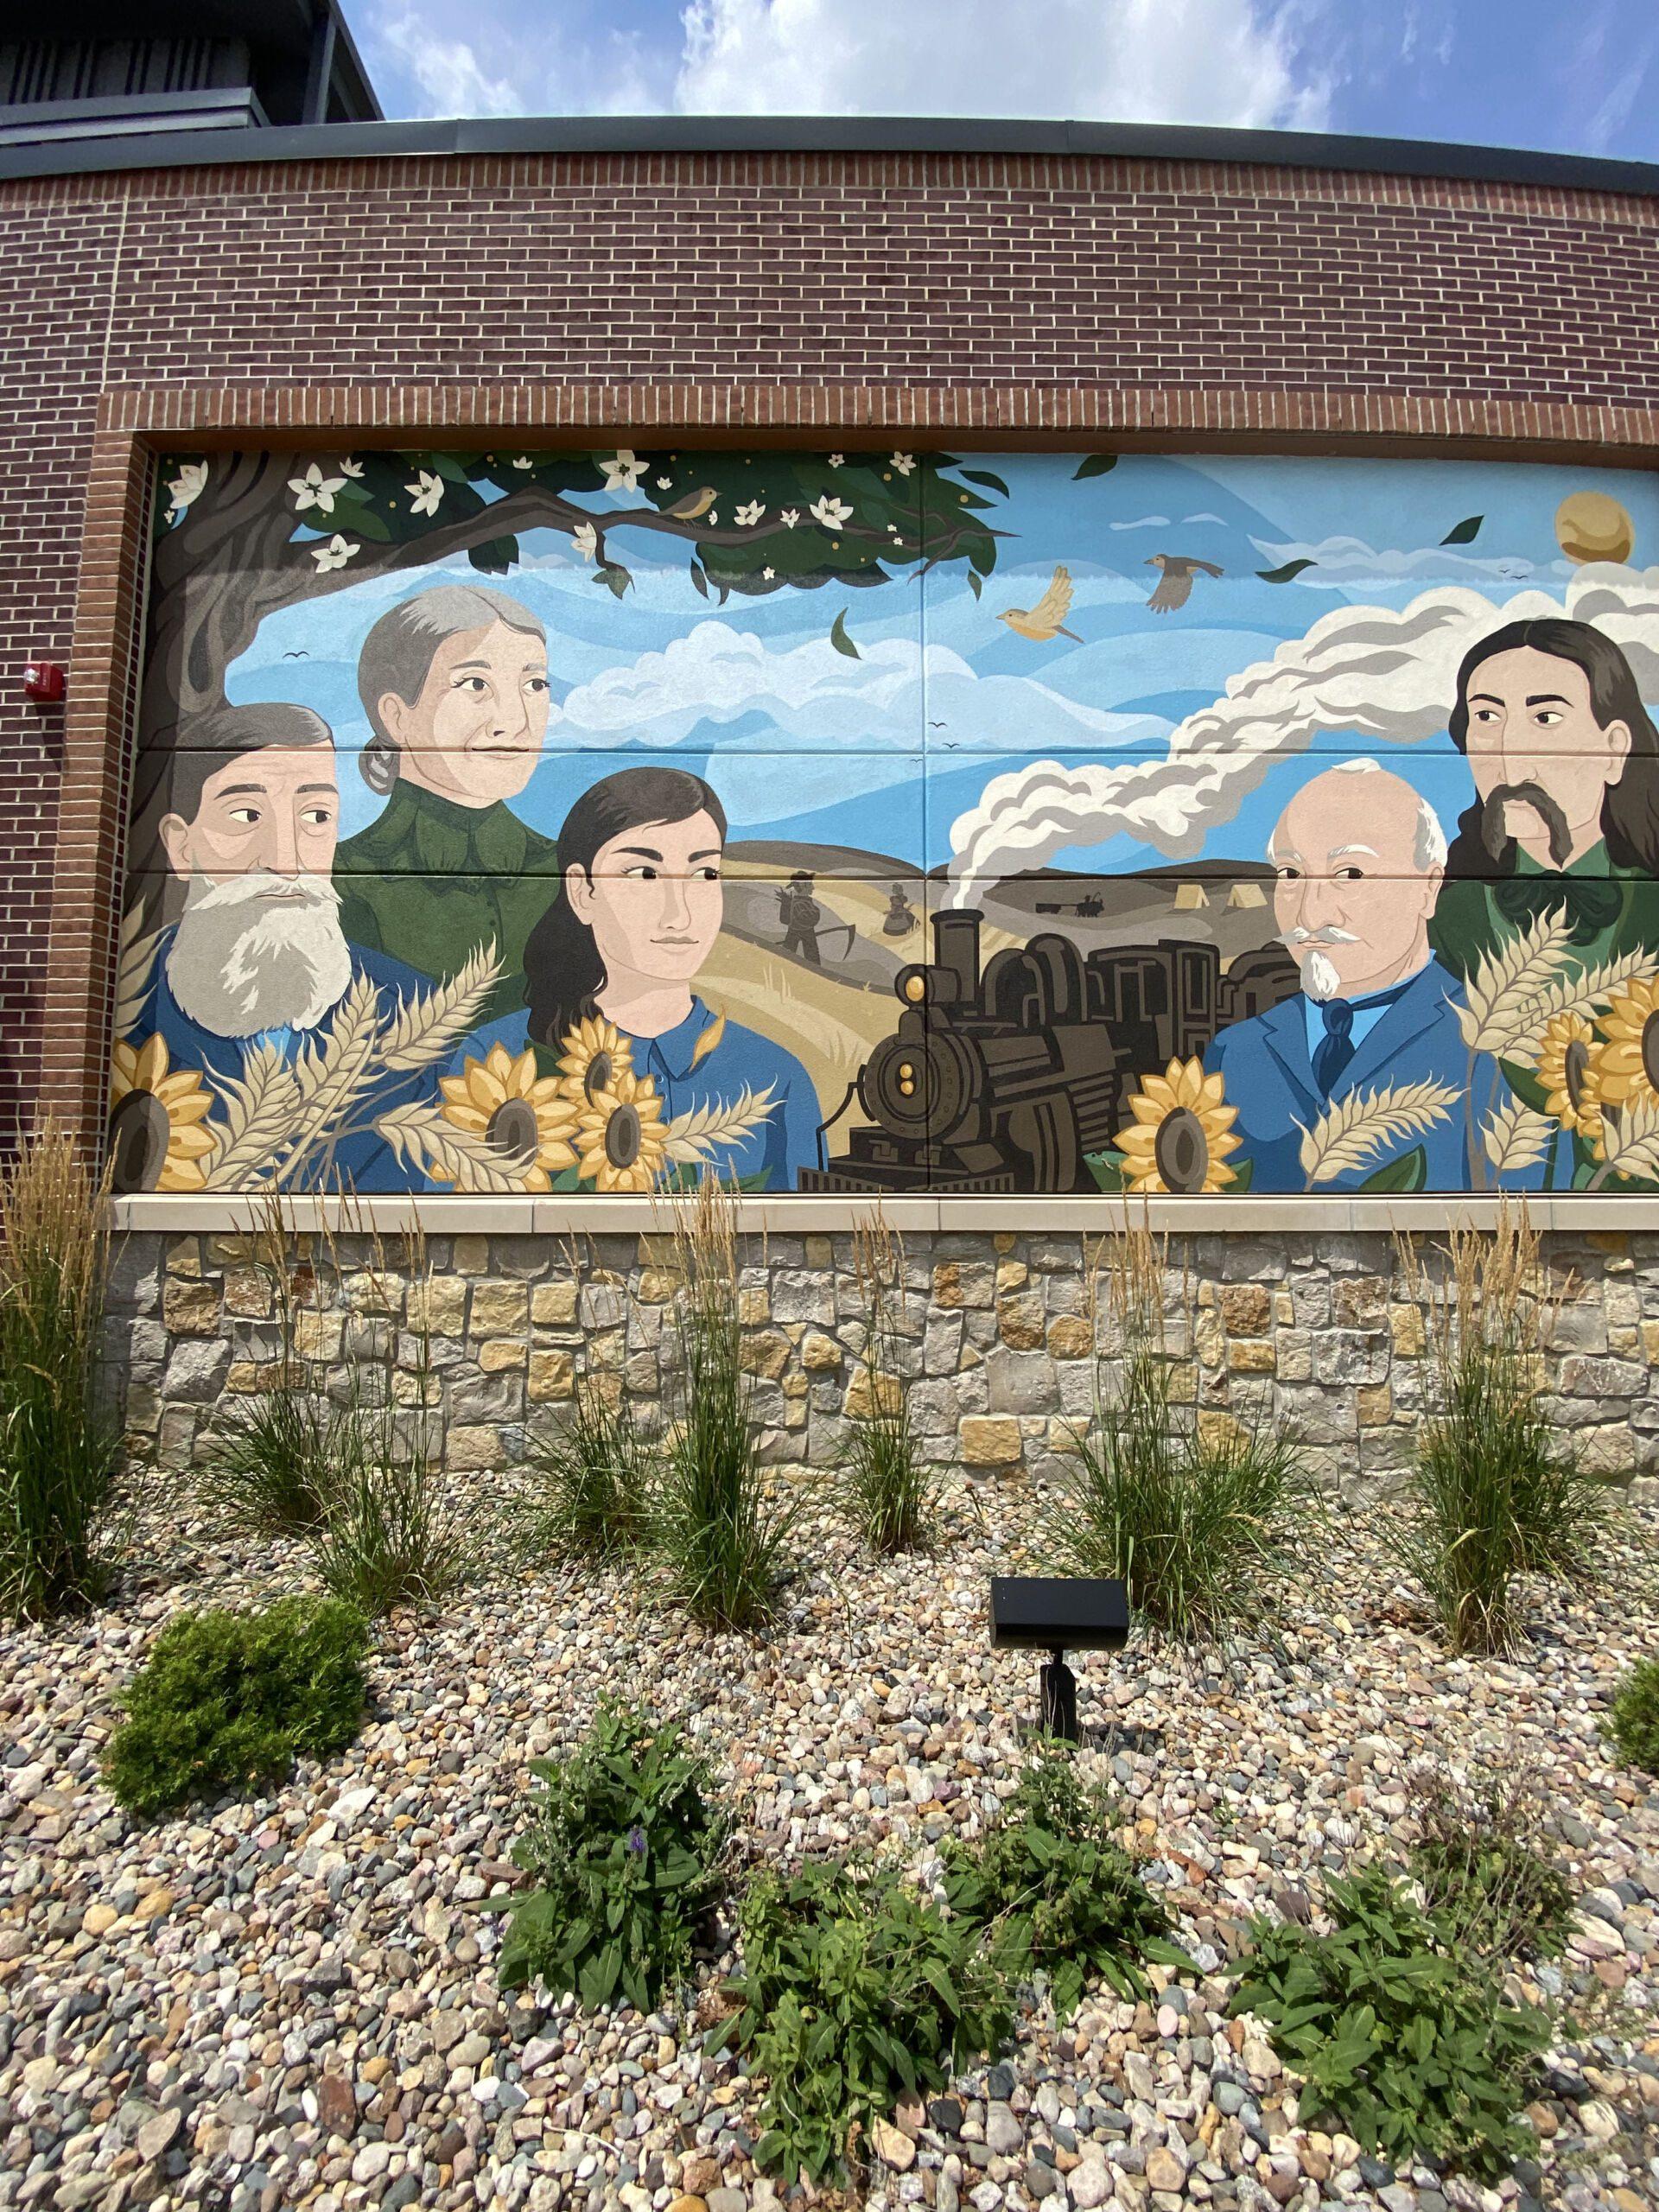 Mural of Gomer's namesake family outside of Gomer's of Kansas City in Lenexa, Kansas